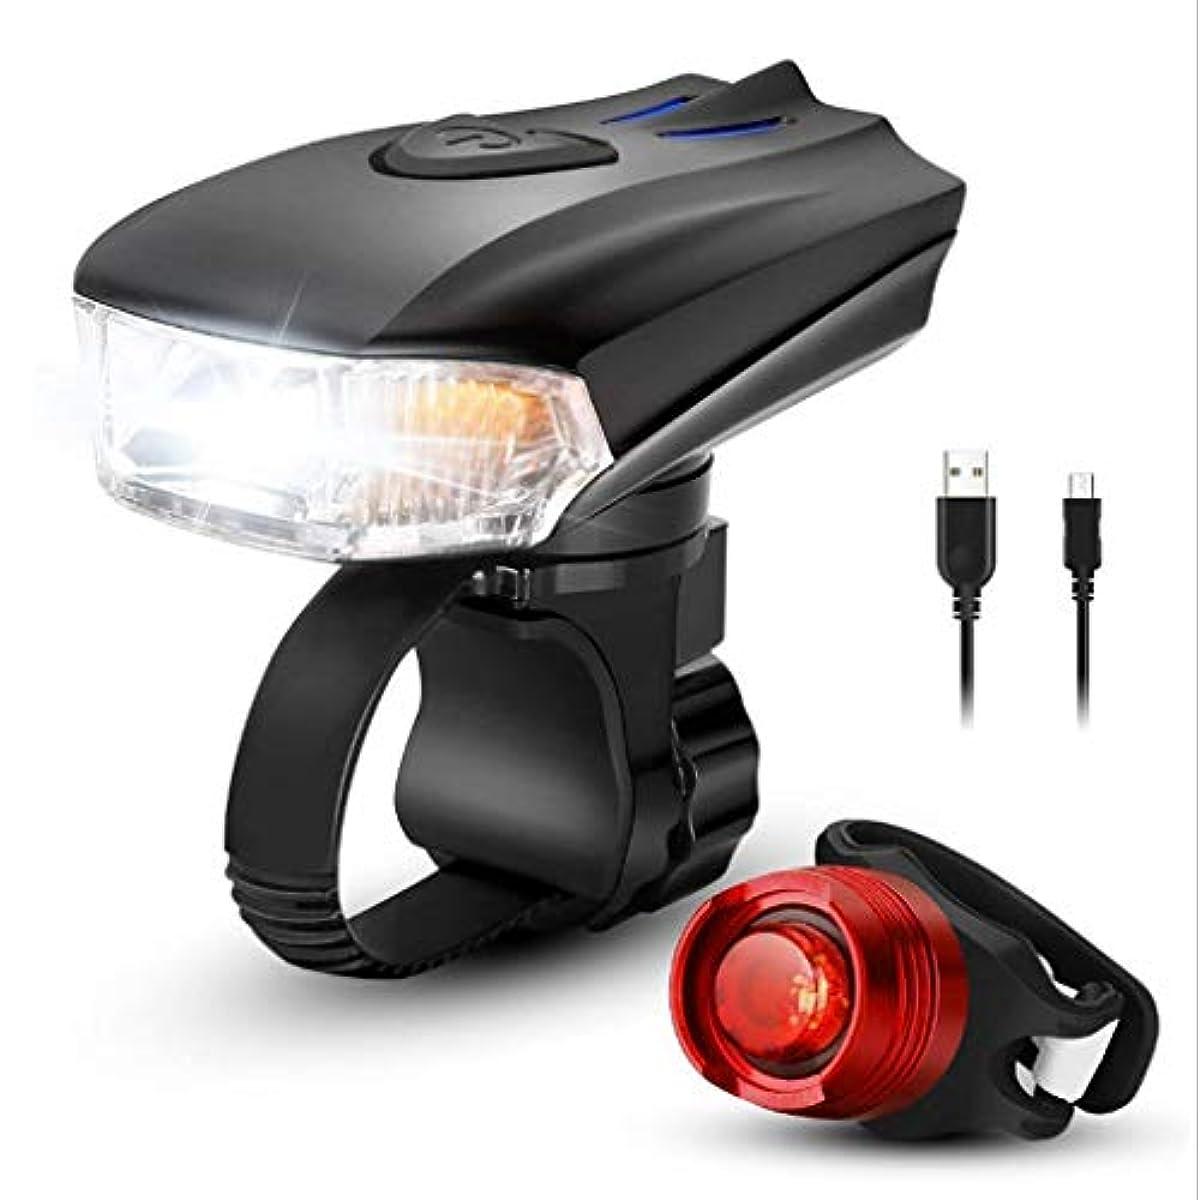 真夜中レーザジョガーAsDlg 自転車ライトセット、USB充電式LED自転車ヘッドライトテールライトフロントバック防水スーパーブライトセンシングリアライトインストールが簡単子供用道路安全サイクリング